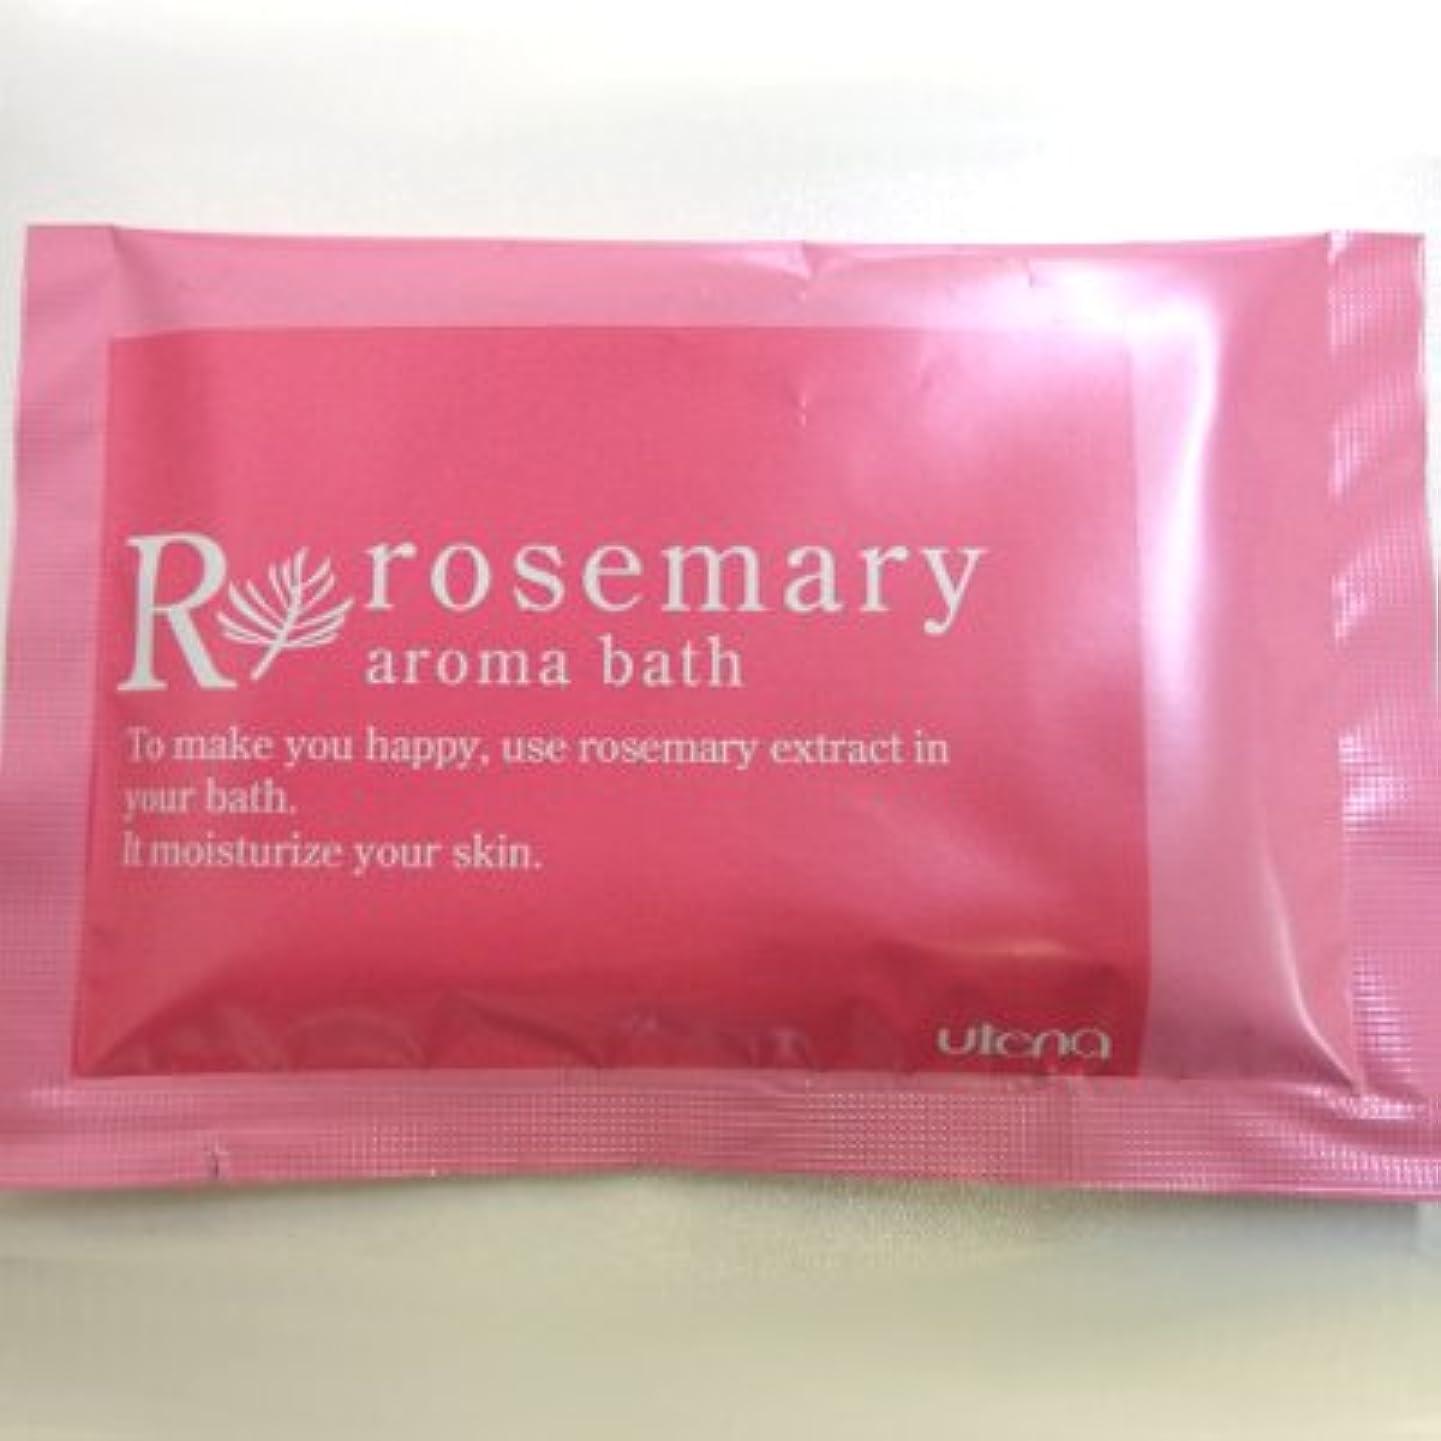 噴水キャンベラ驚くばかりリリアックアロマバス ローズマリーの香り